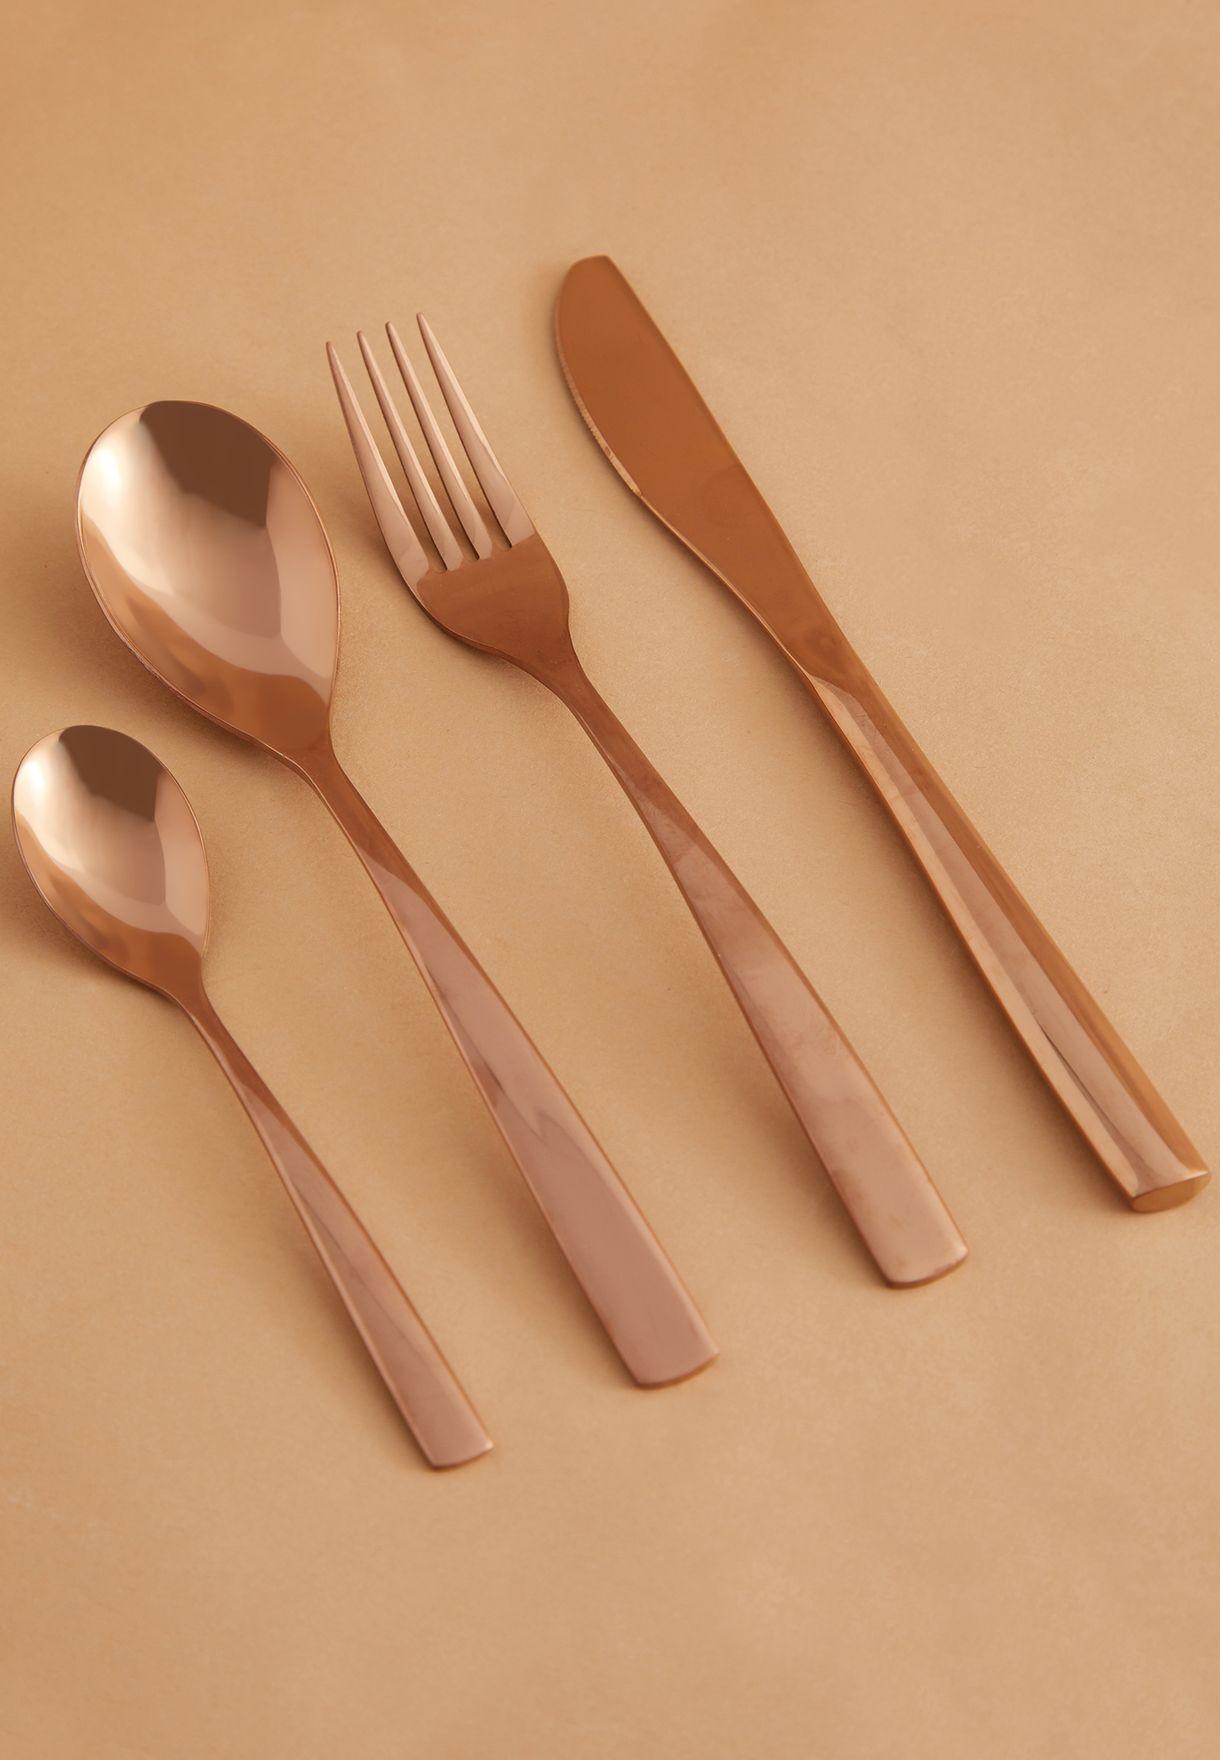 طقم أدوات مائدة 4 قطع